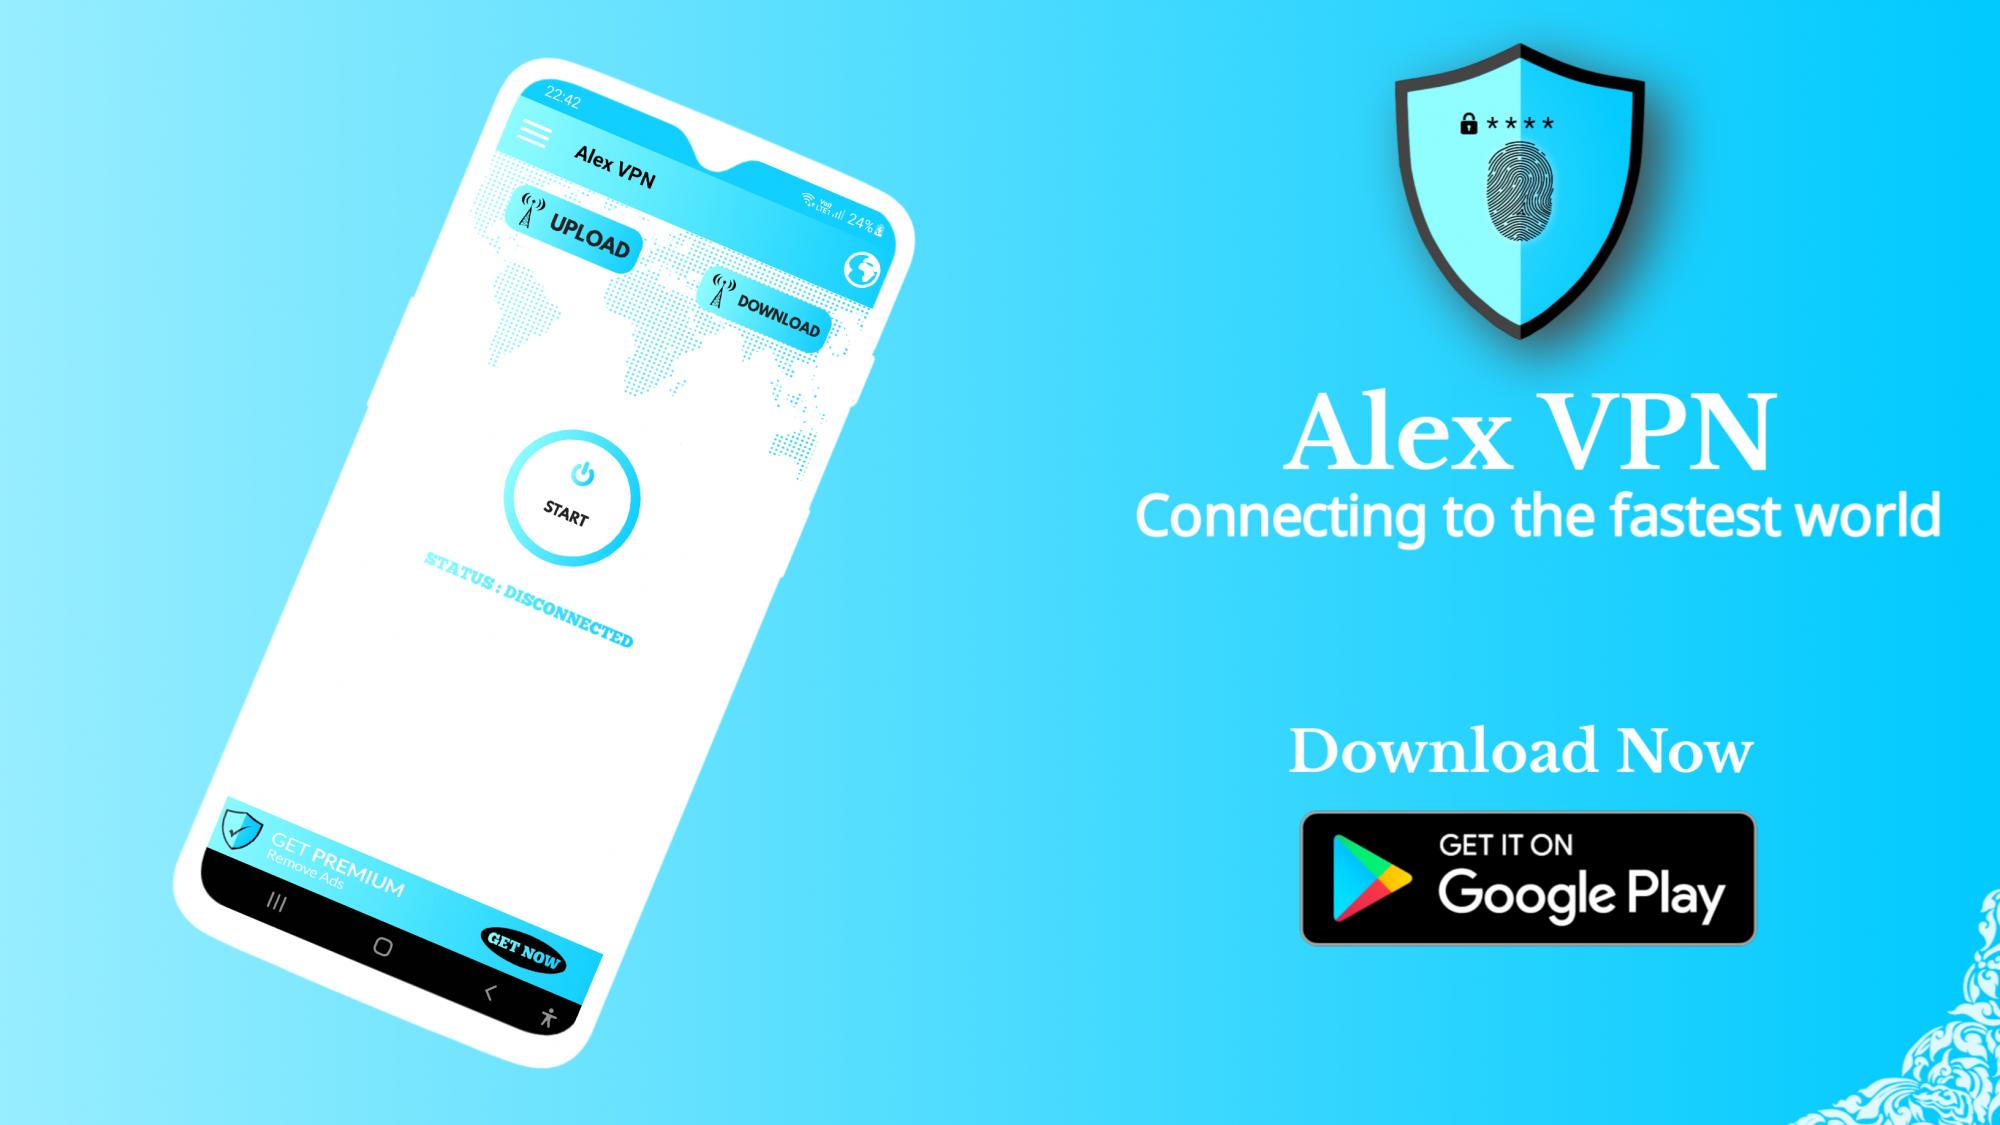 Alex VPN 1.png